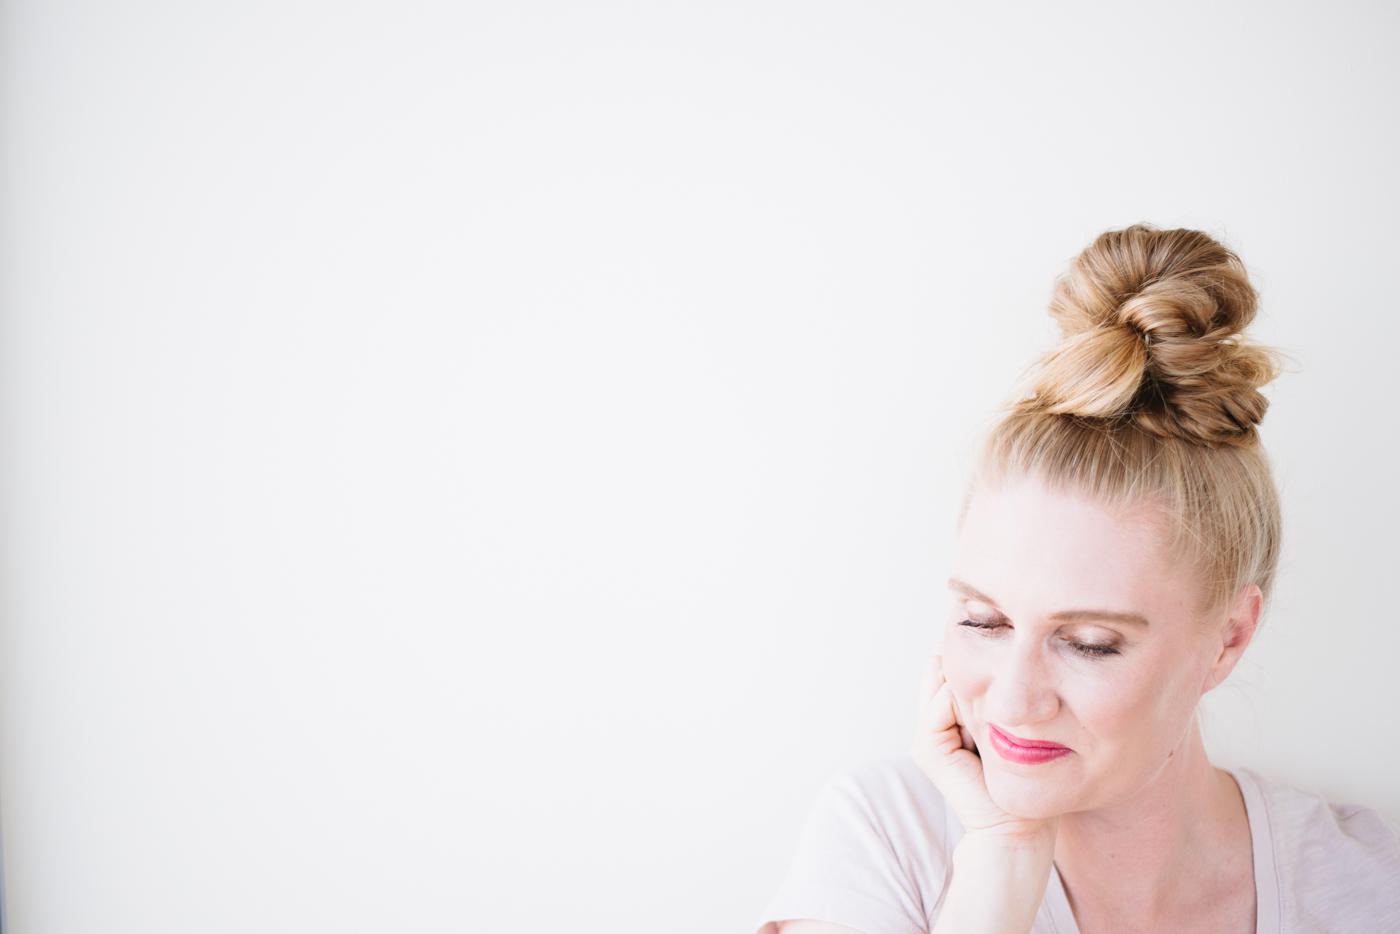 Robyn Conley Downs Headshot 2